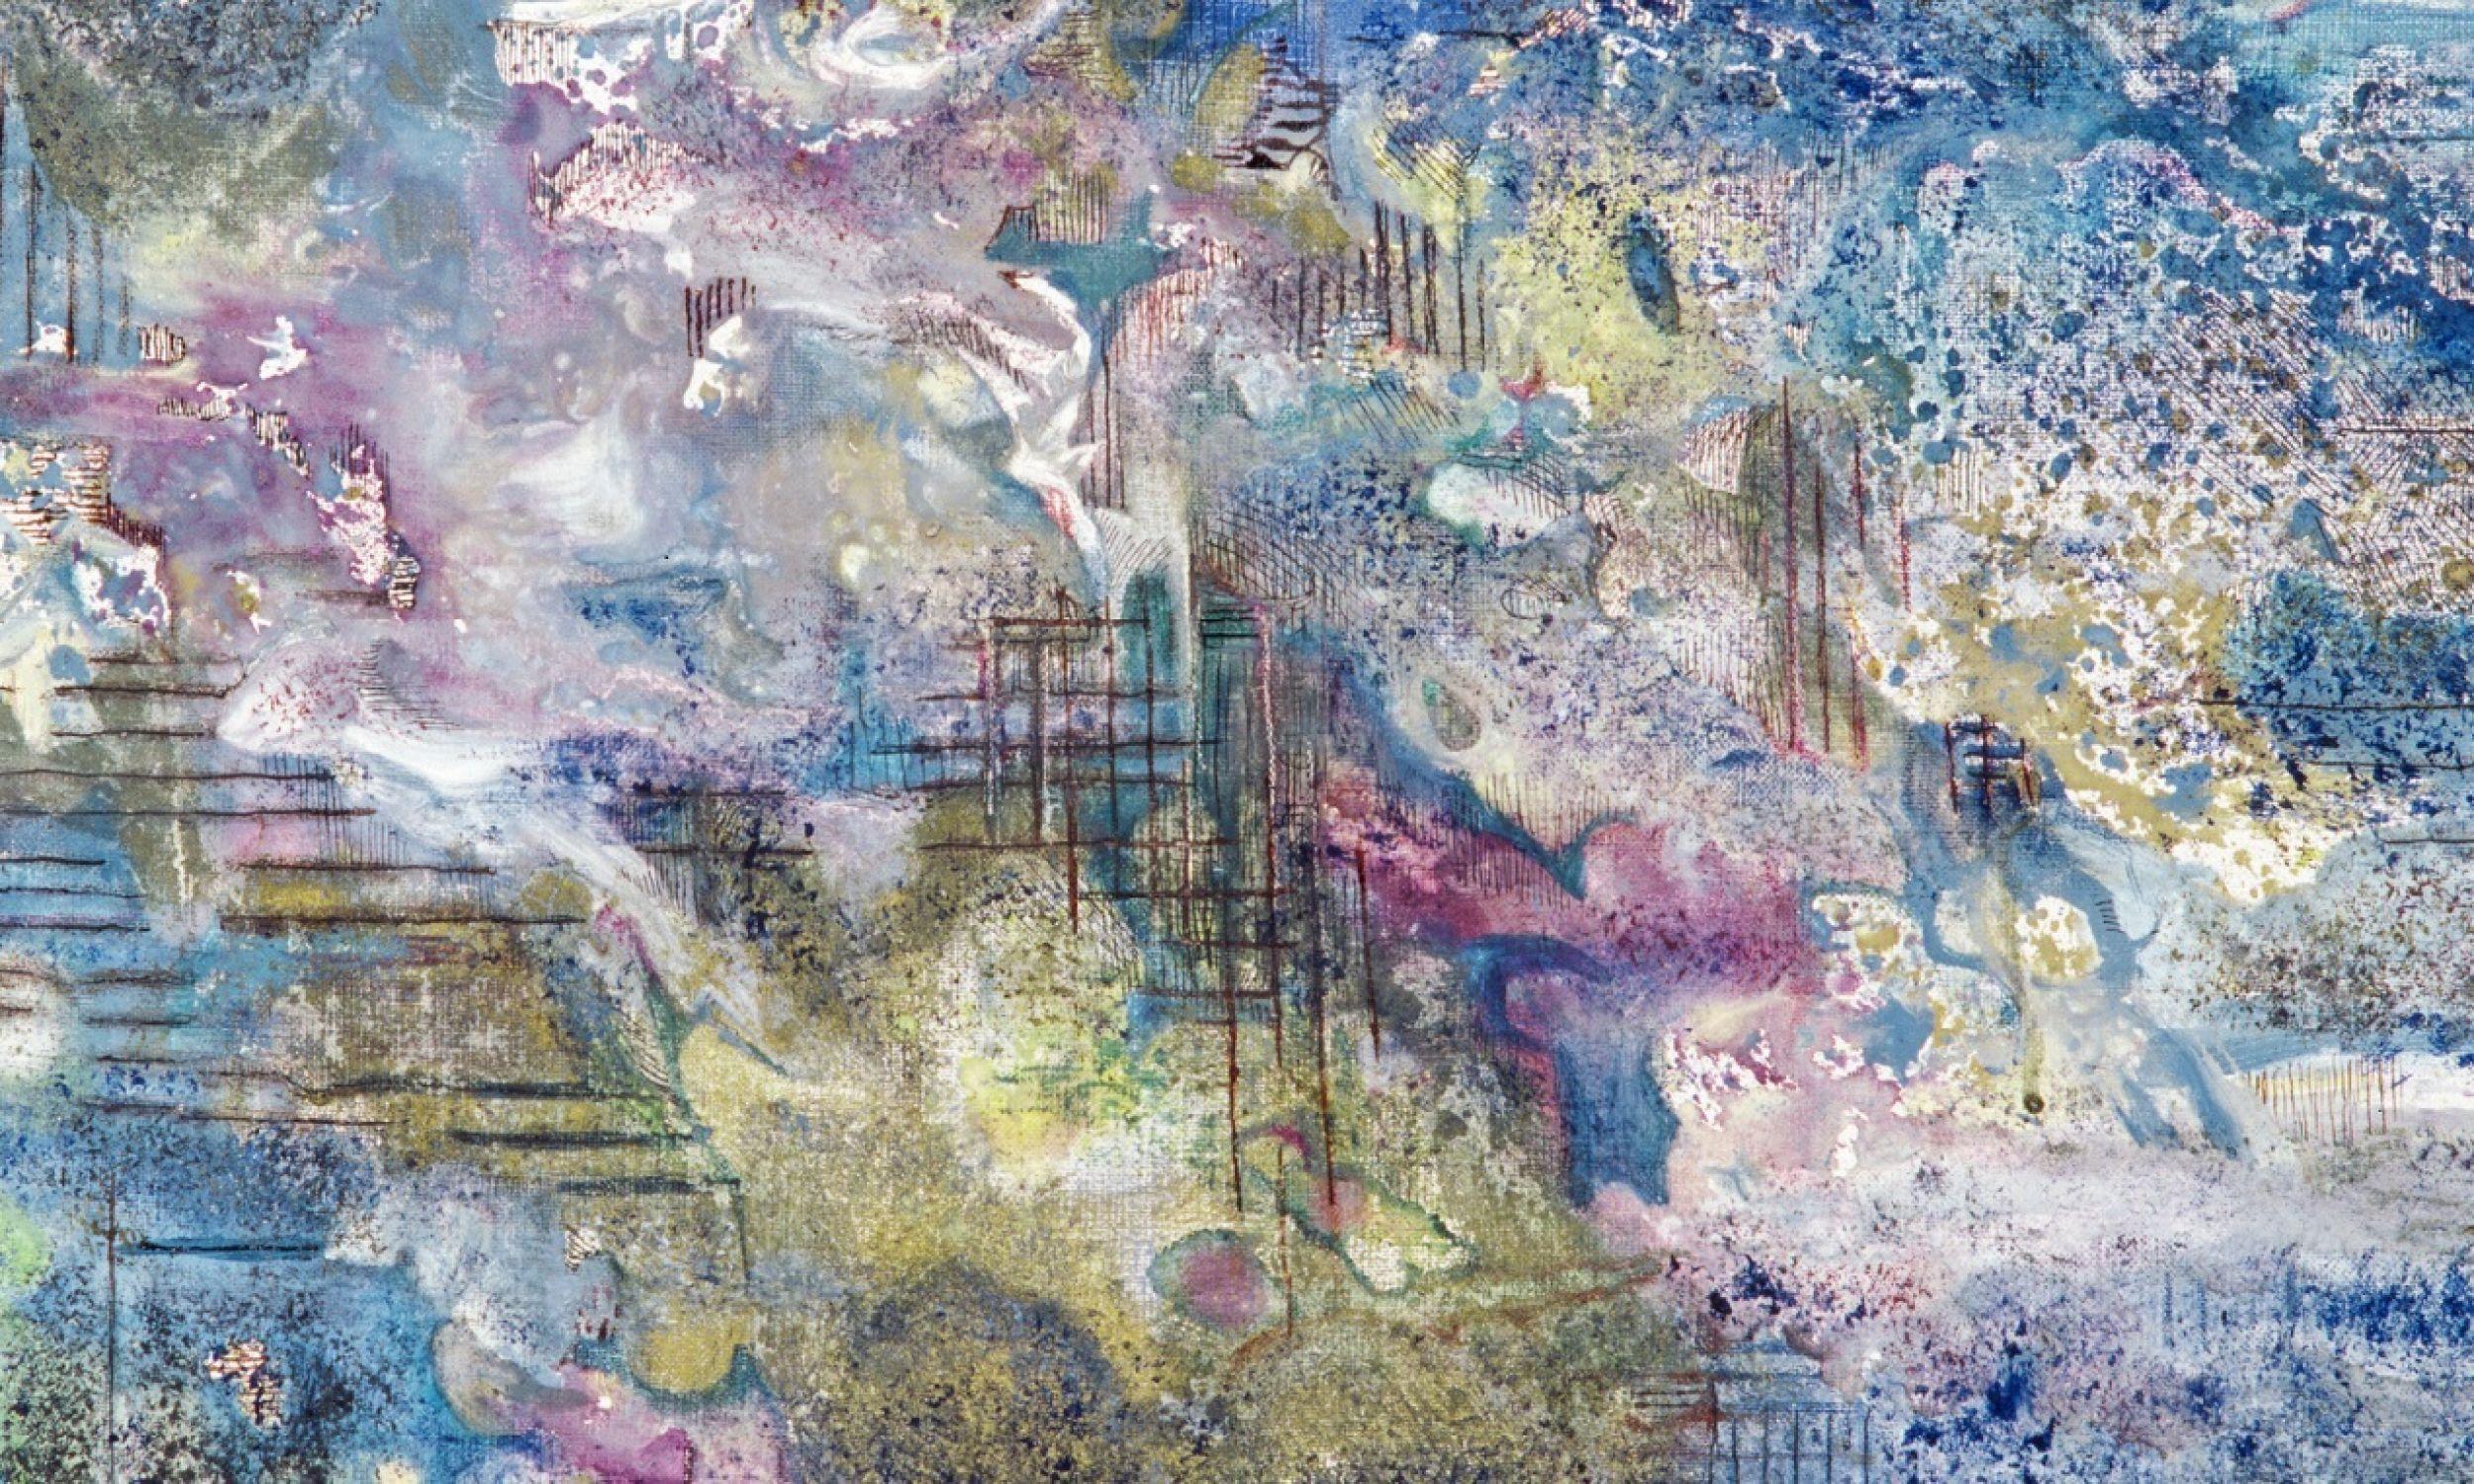 Wieczność rodzi chwilę. Fot. Zachęta – Narodowa Galeria Sztuki